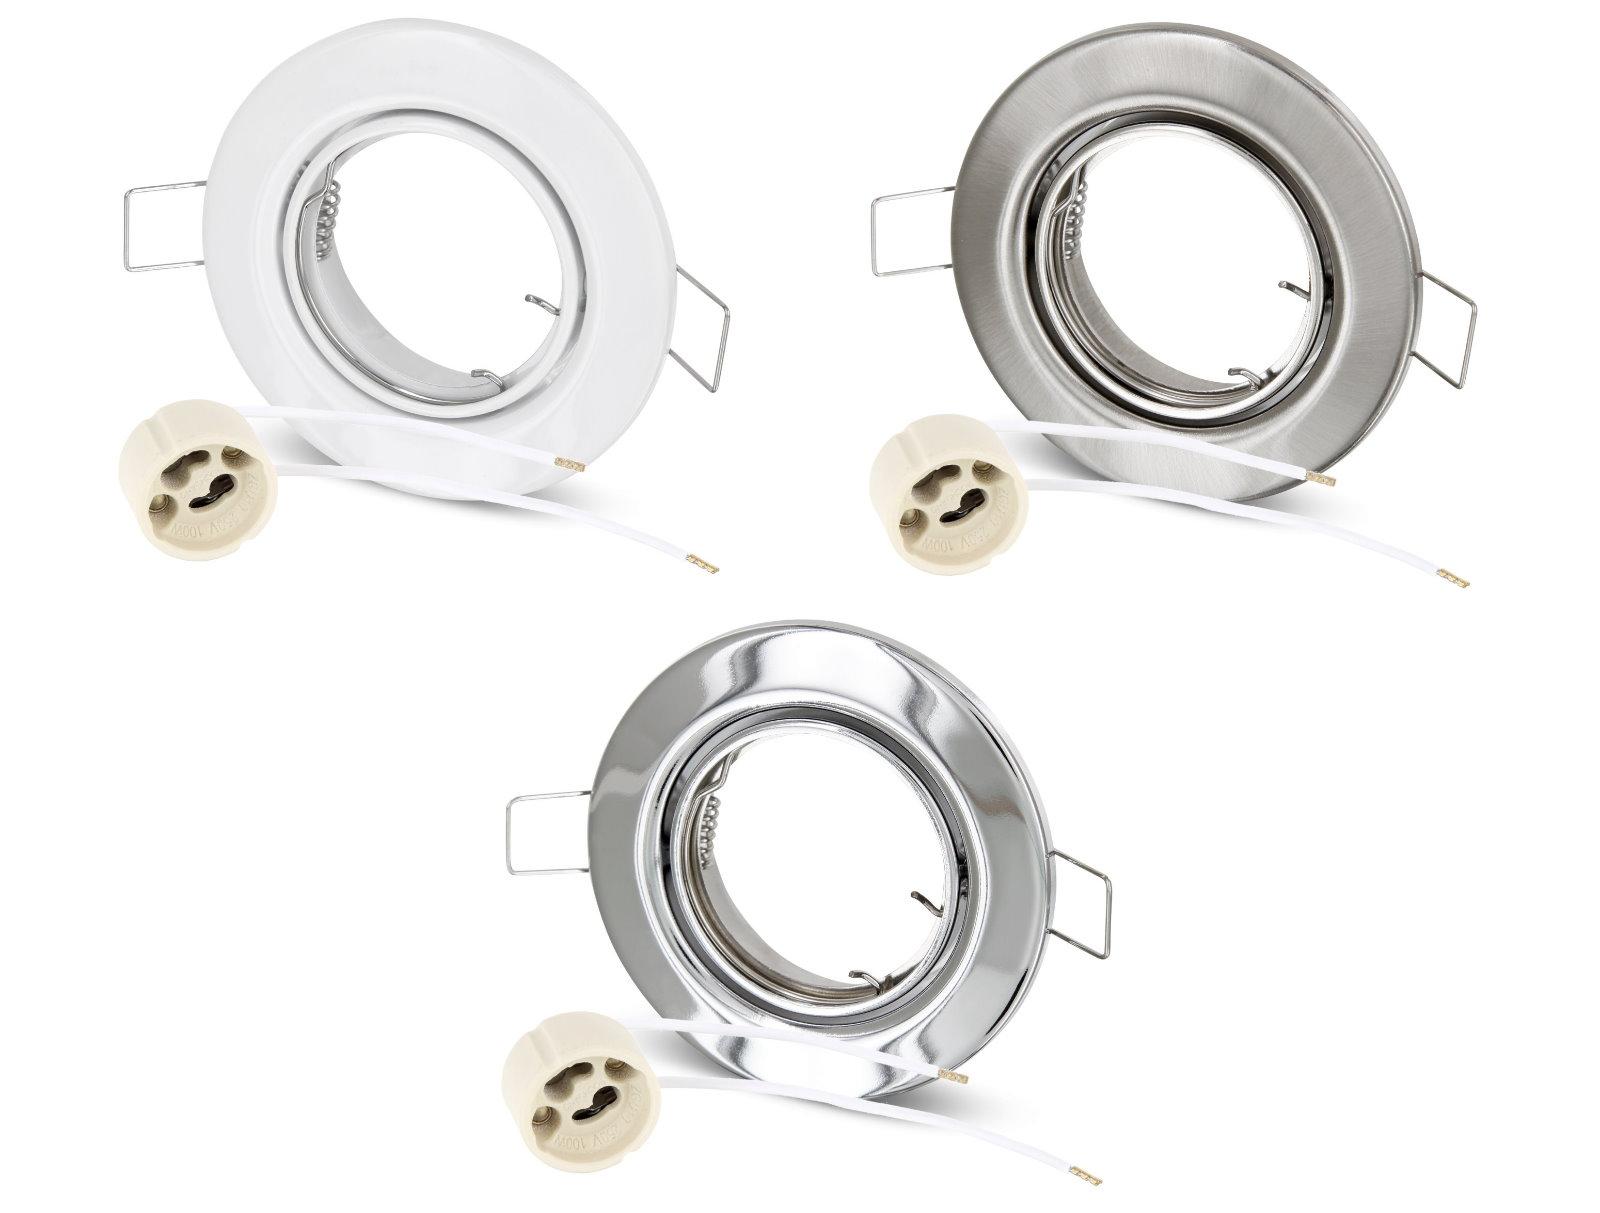 Spot Einbaurahmen GU10 Metall - schwenkbar